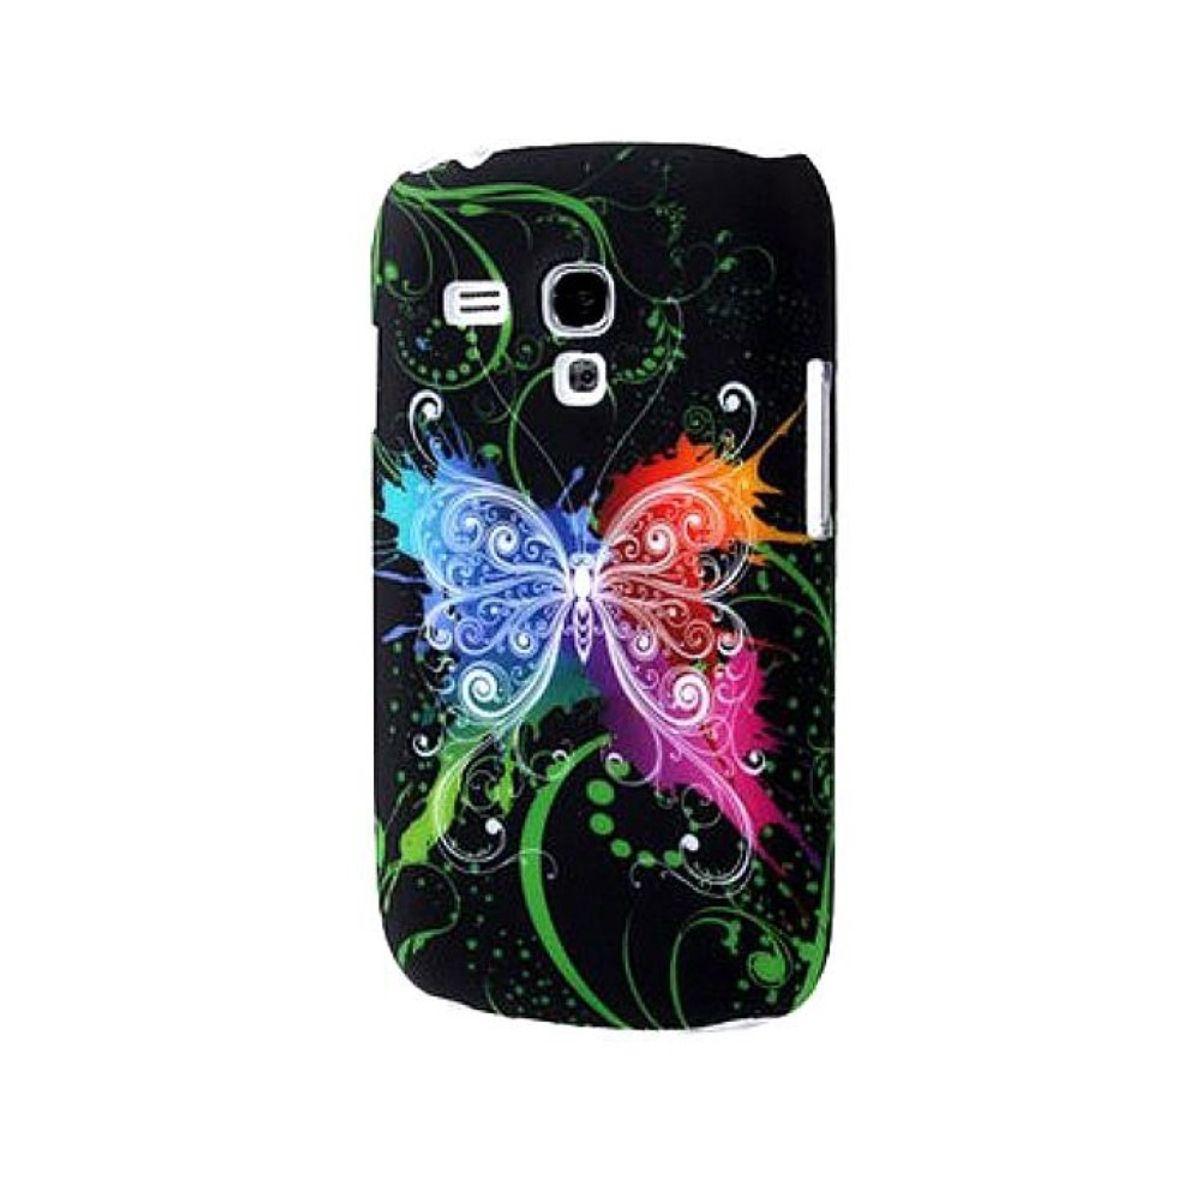 Schutzhülle Hard Case Hülle für Handy Samsung Galaxy S3 mini i8190 / i8195 / i8200 Schmetterling